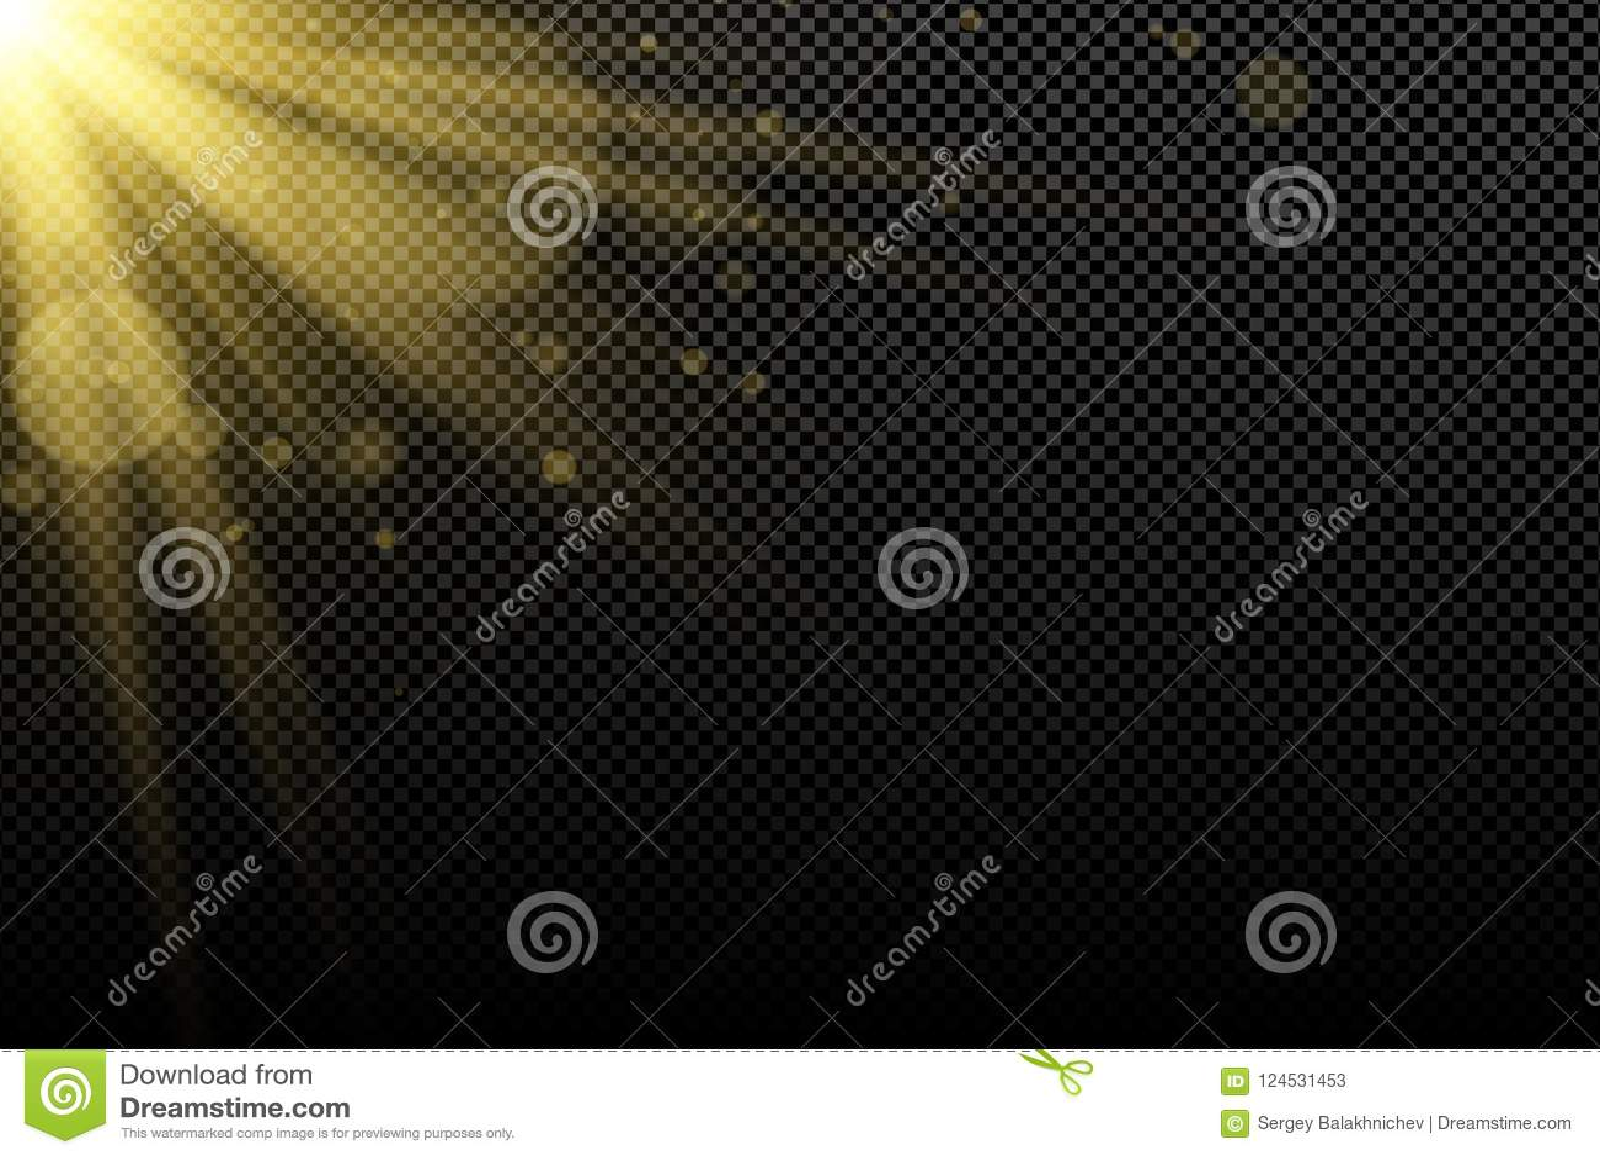 金黄光线影响对黑暗的透明背景 金黄galres bokeh 明亮的火光 抽象背景金光芒 不可思议的爆炸 阳光